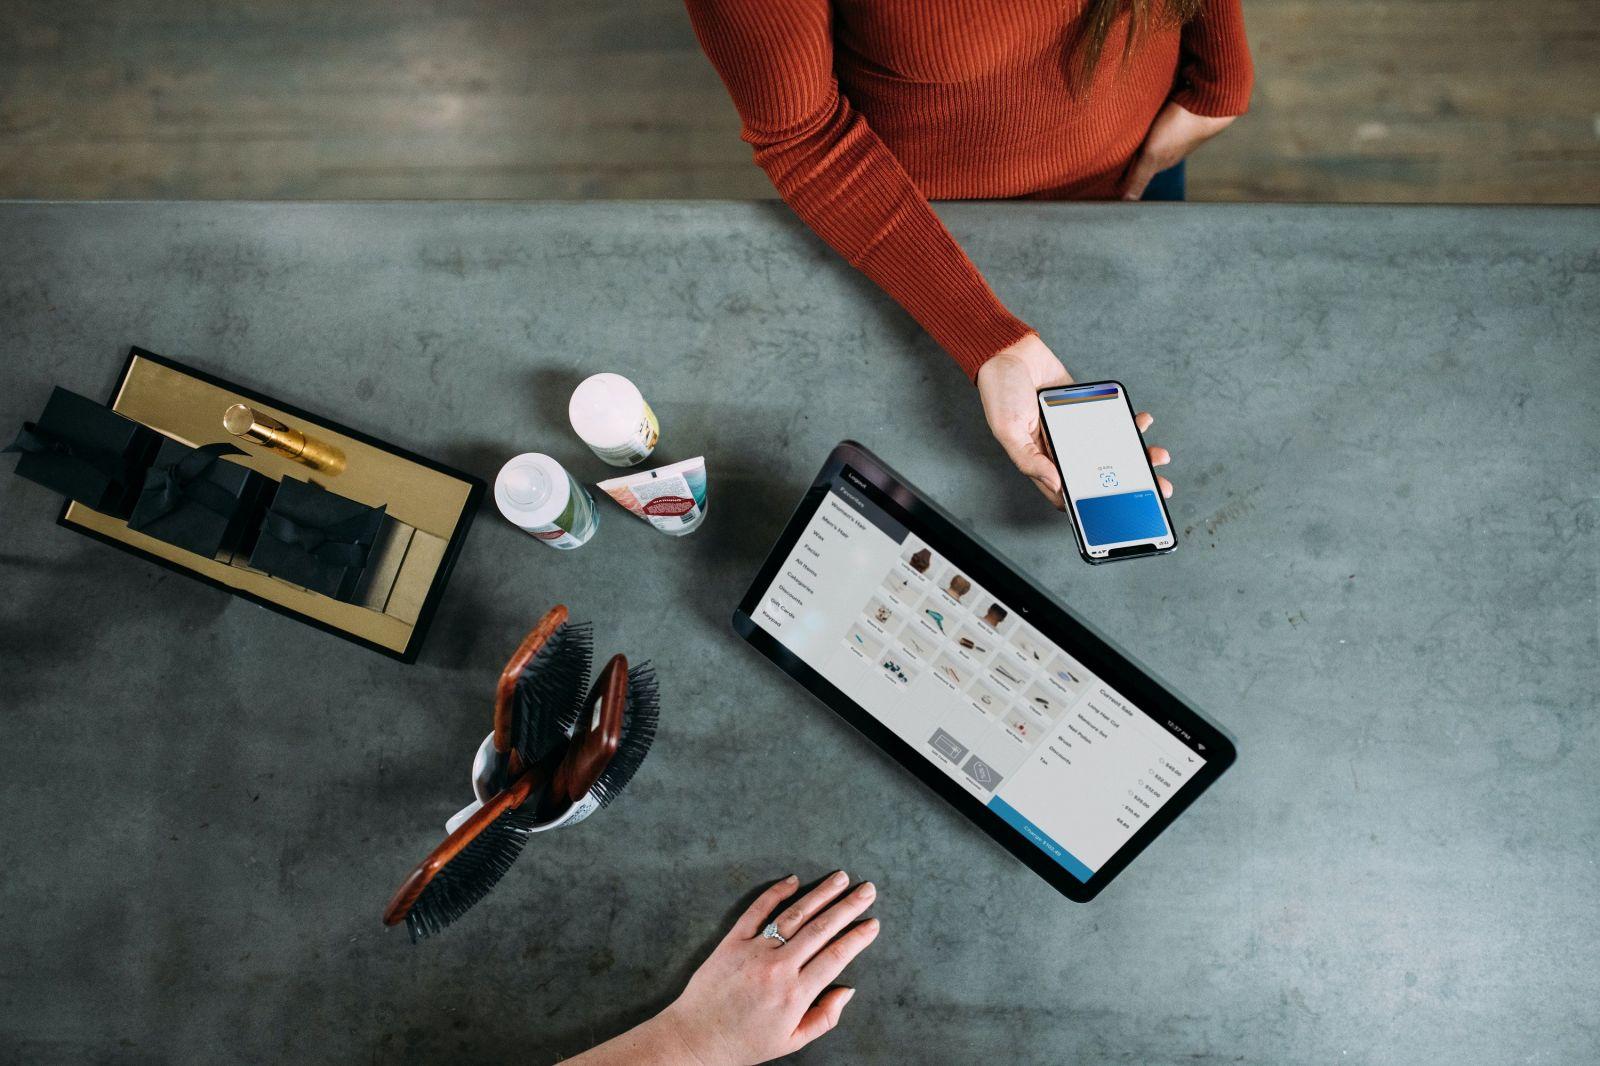 Pohľad do súčasnosti – Moderný spôsob platenia priložením smartfónu k tabletu, kedy sa prostredníctvom technológie zrealizuje platba.